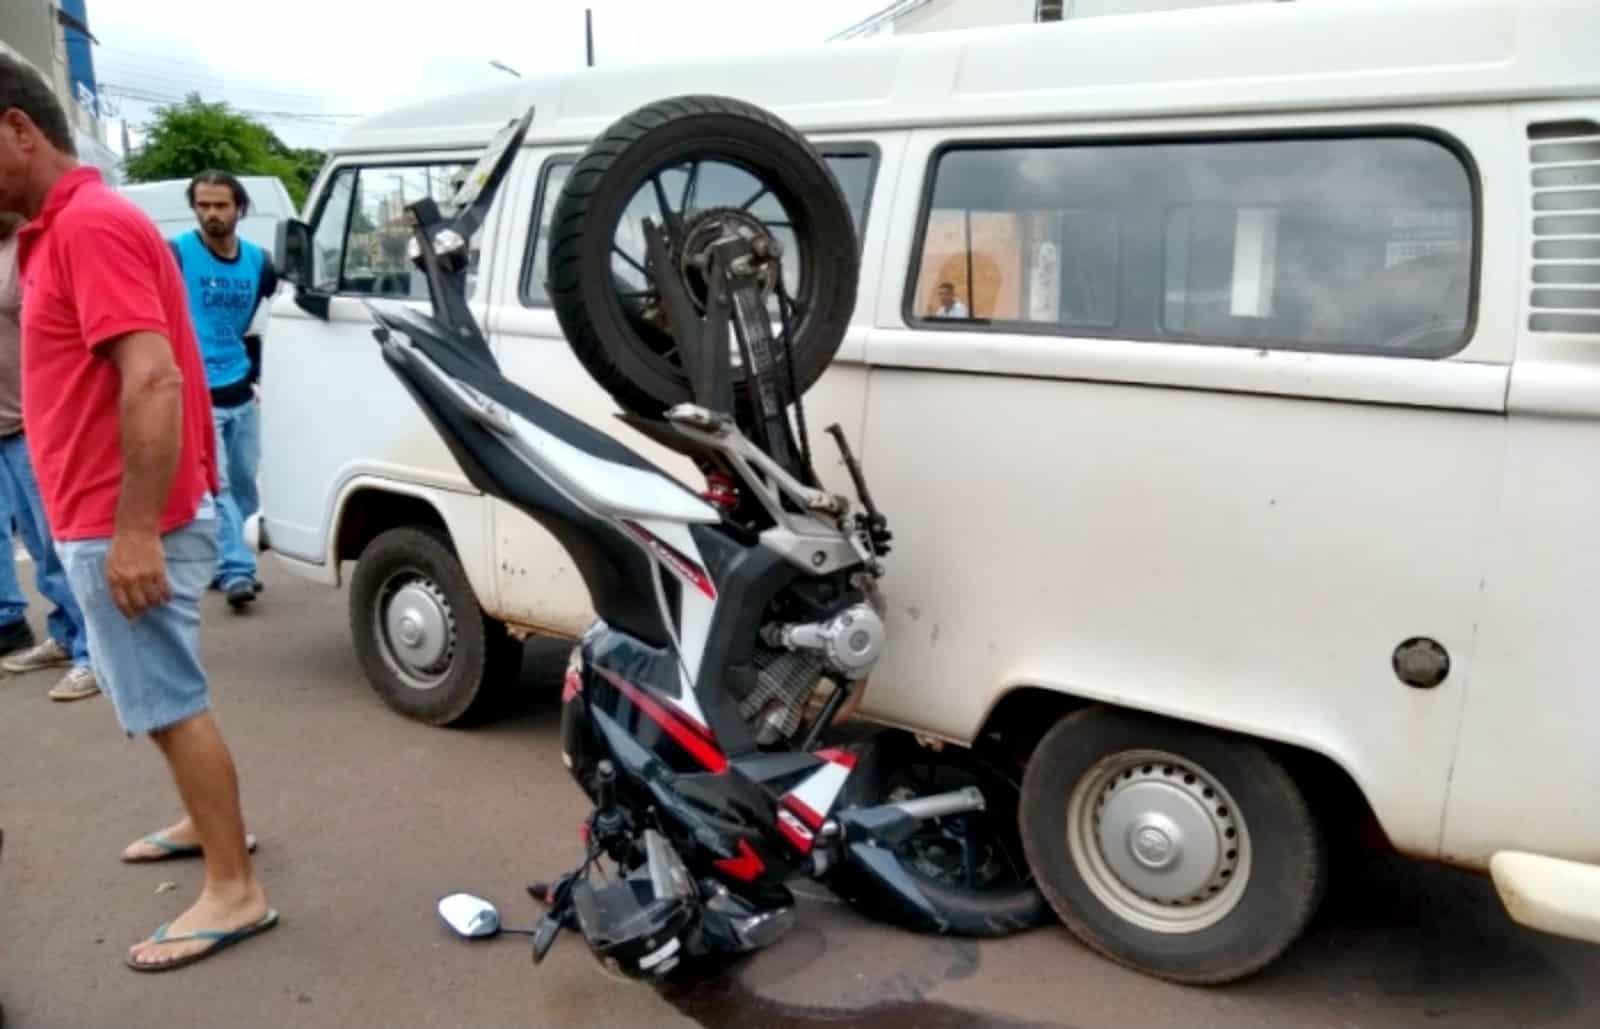 Moto ficou presa na lateral da perua após acidente no centro de Ourinhos — Foto: Arquivo pessoal